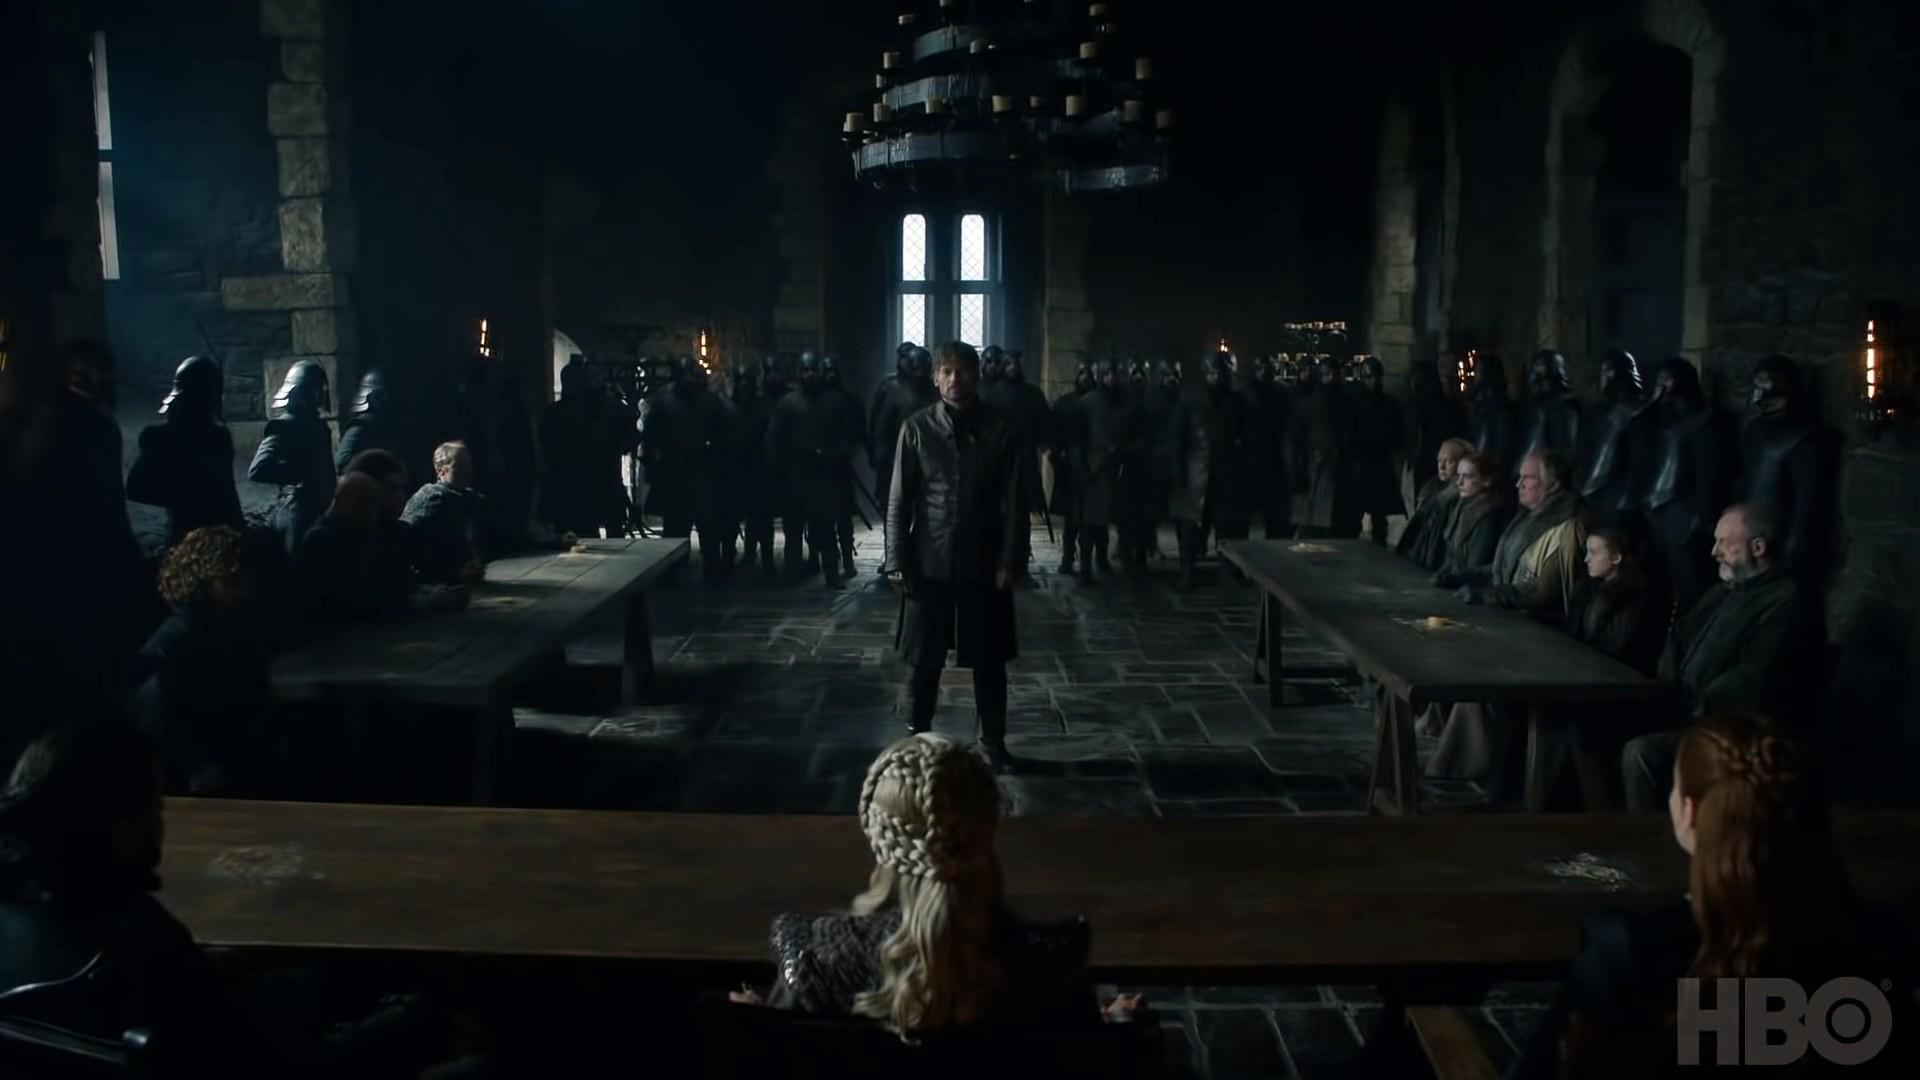 'game of thrones': a knight of the seven kingdoms, um episódio pra gente se sentir bem (mas agora chega) - Noticias